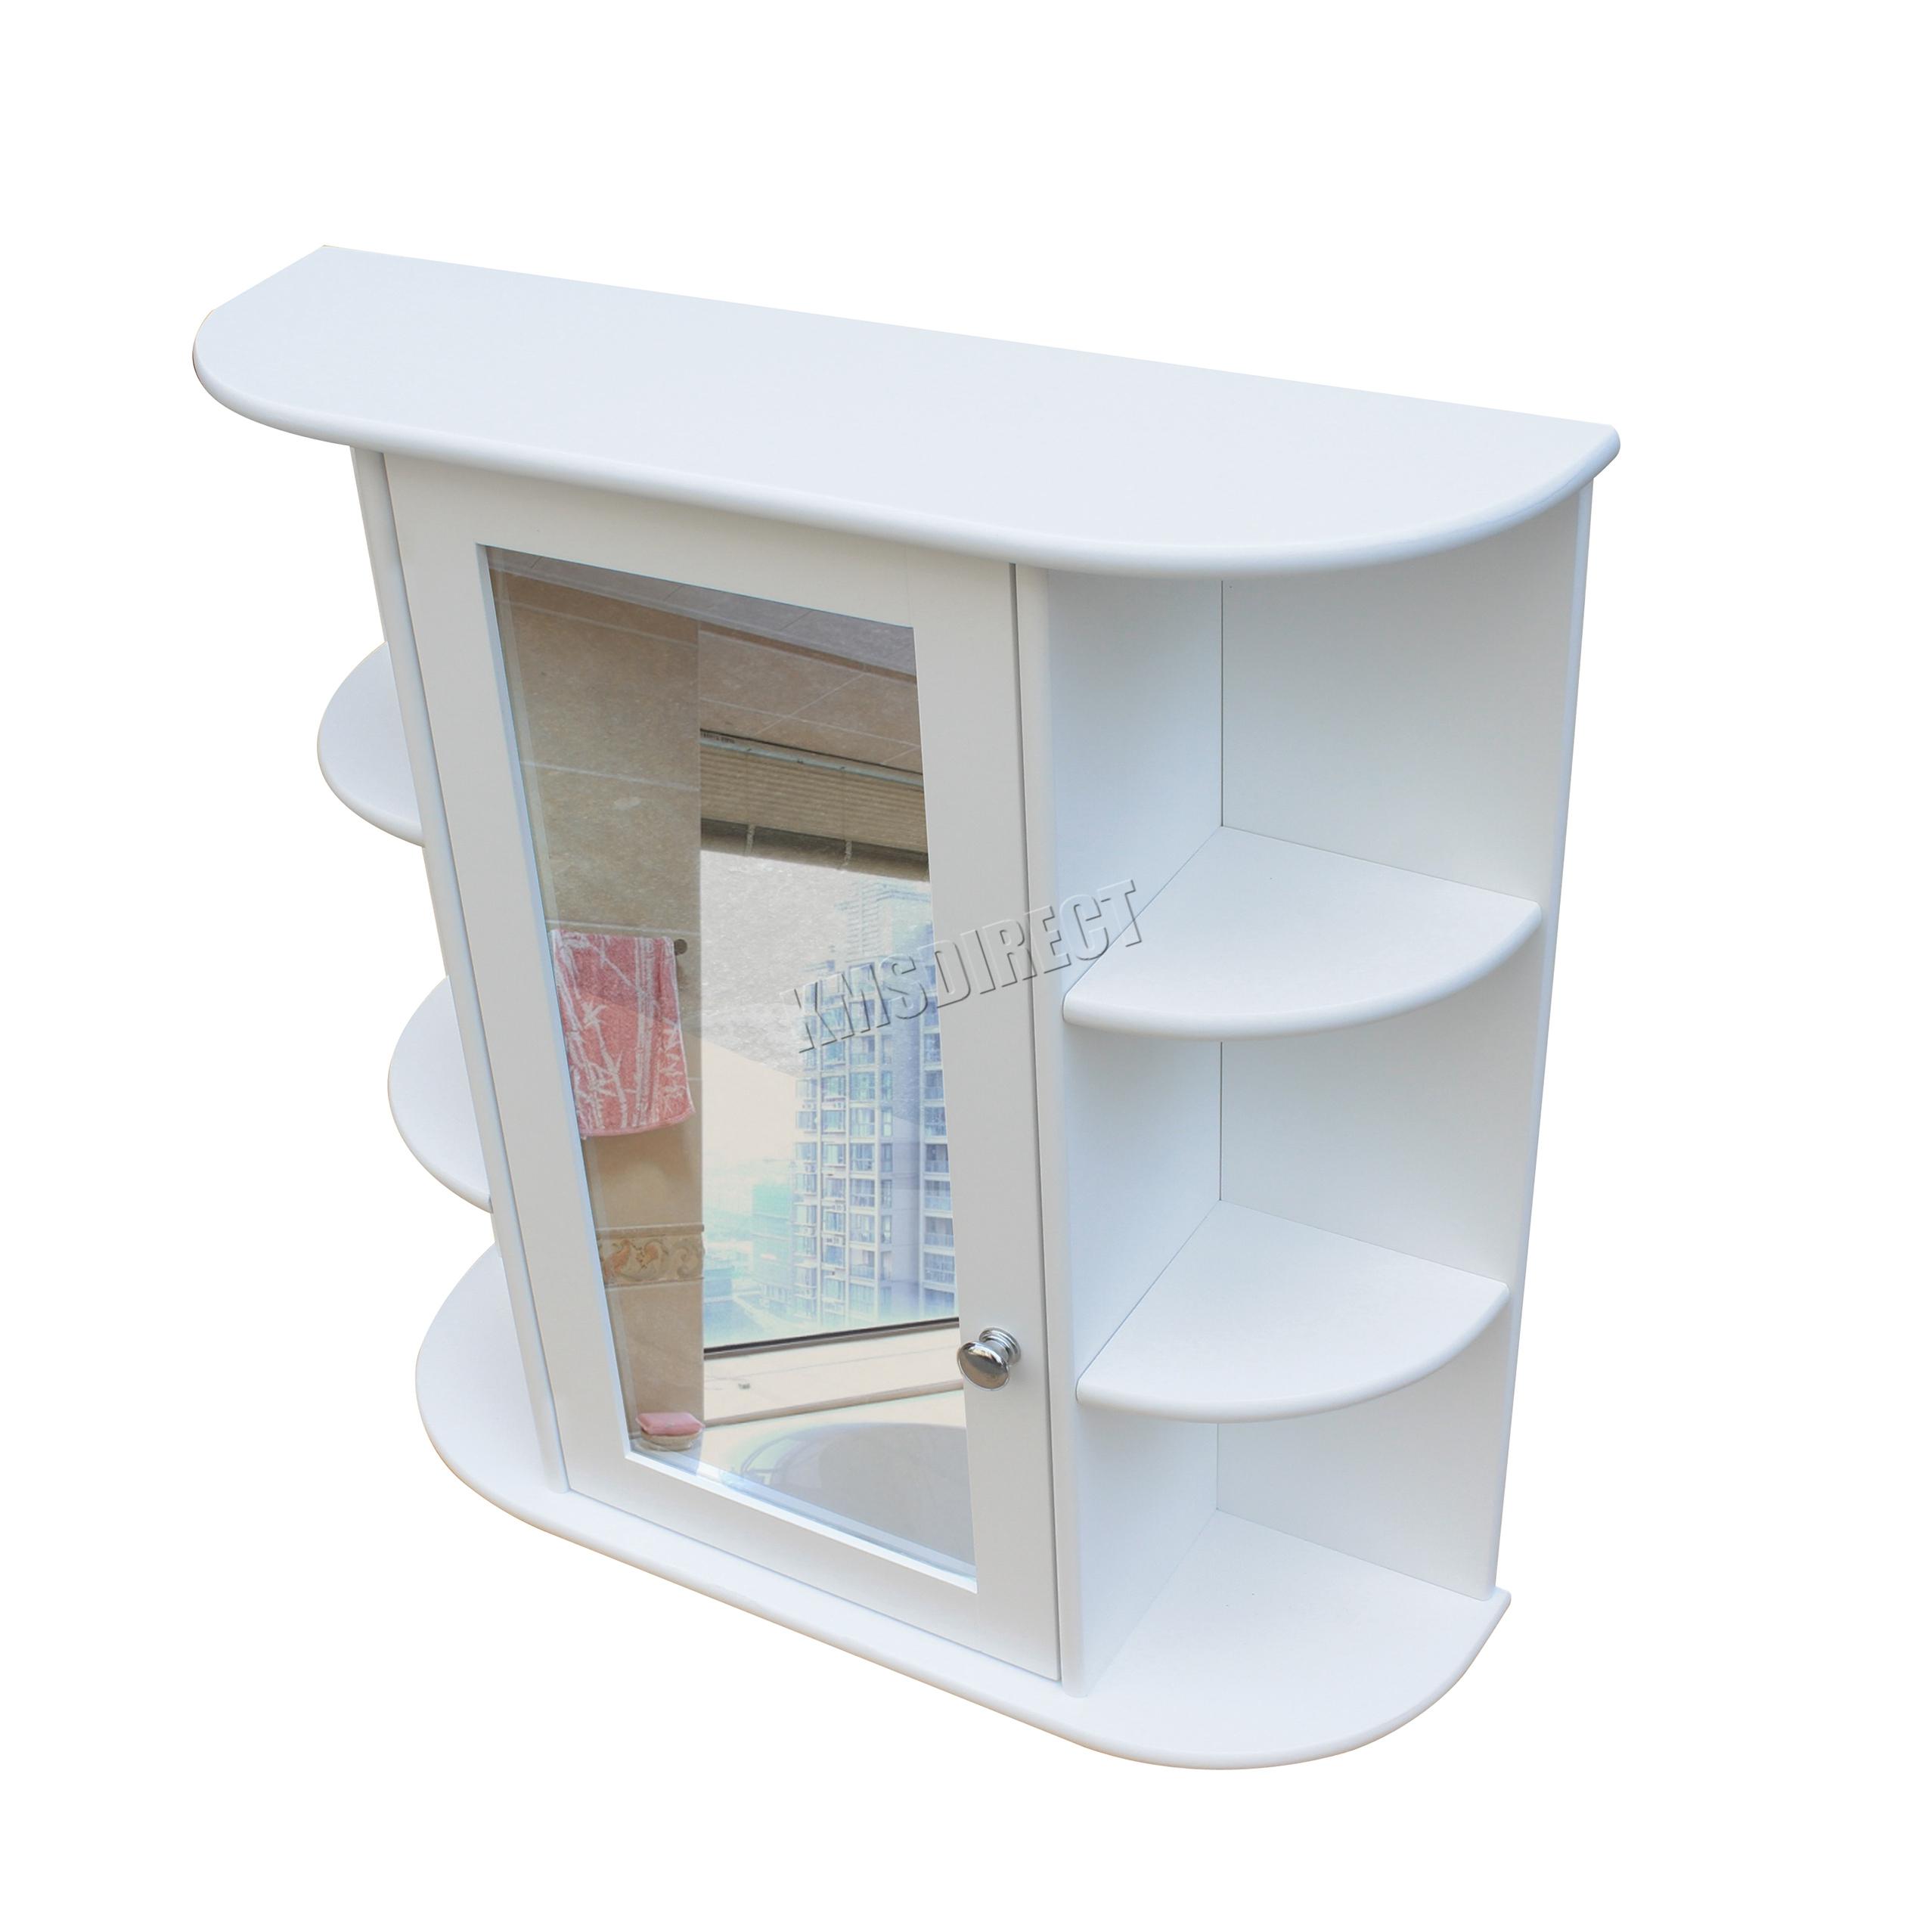 Foxhunter soporte de pared espejo gabinete de ba o unidad for Armario almacenaje bano